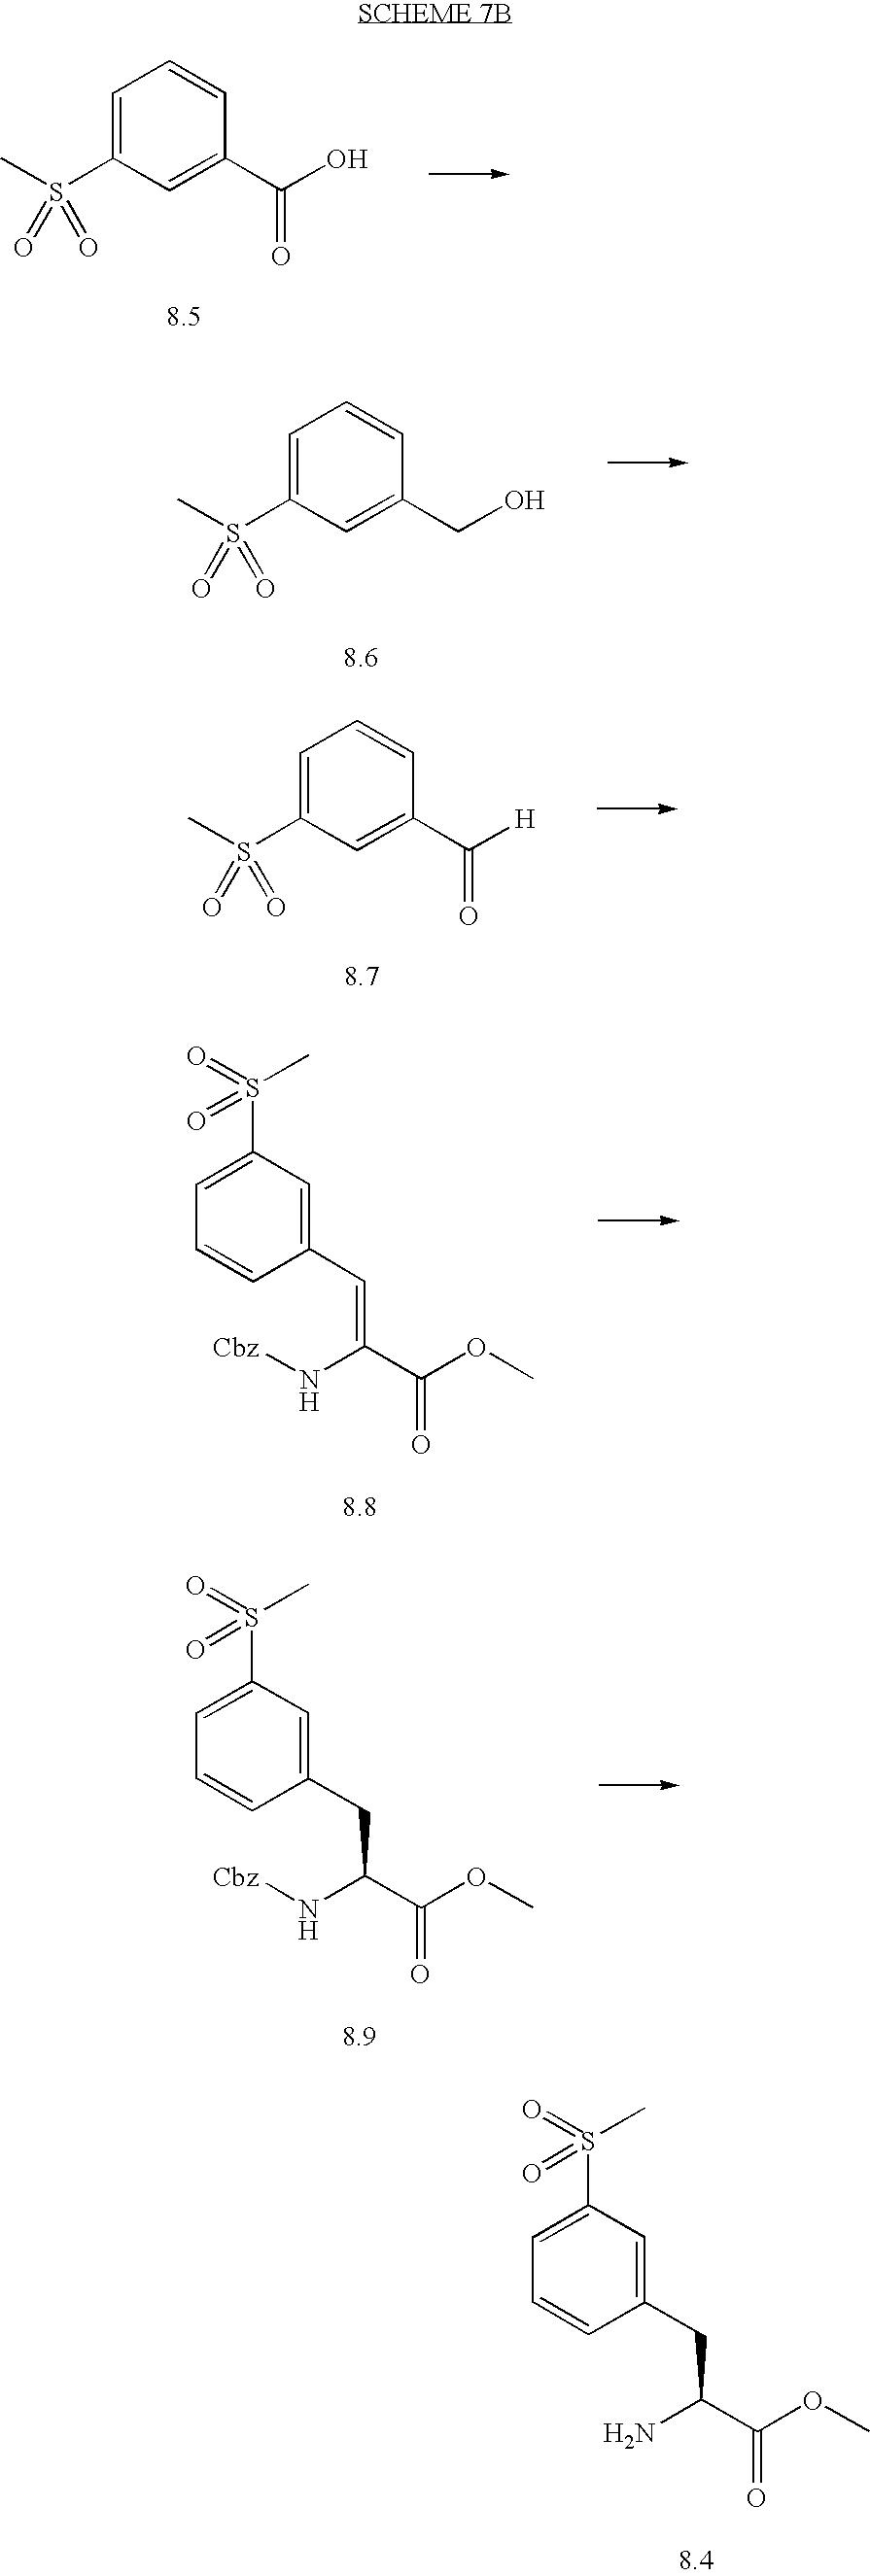 Figure US07790743-20100907-C00112